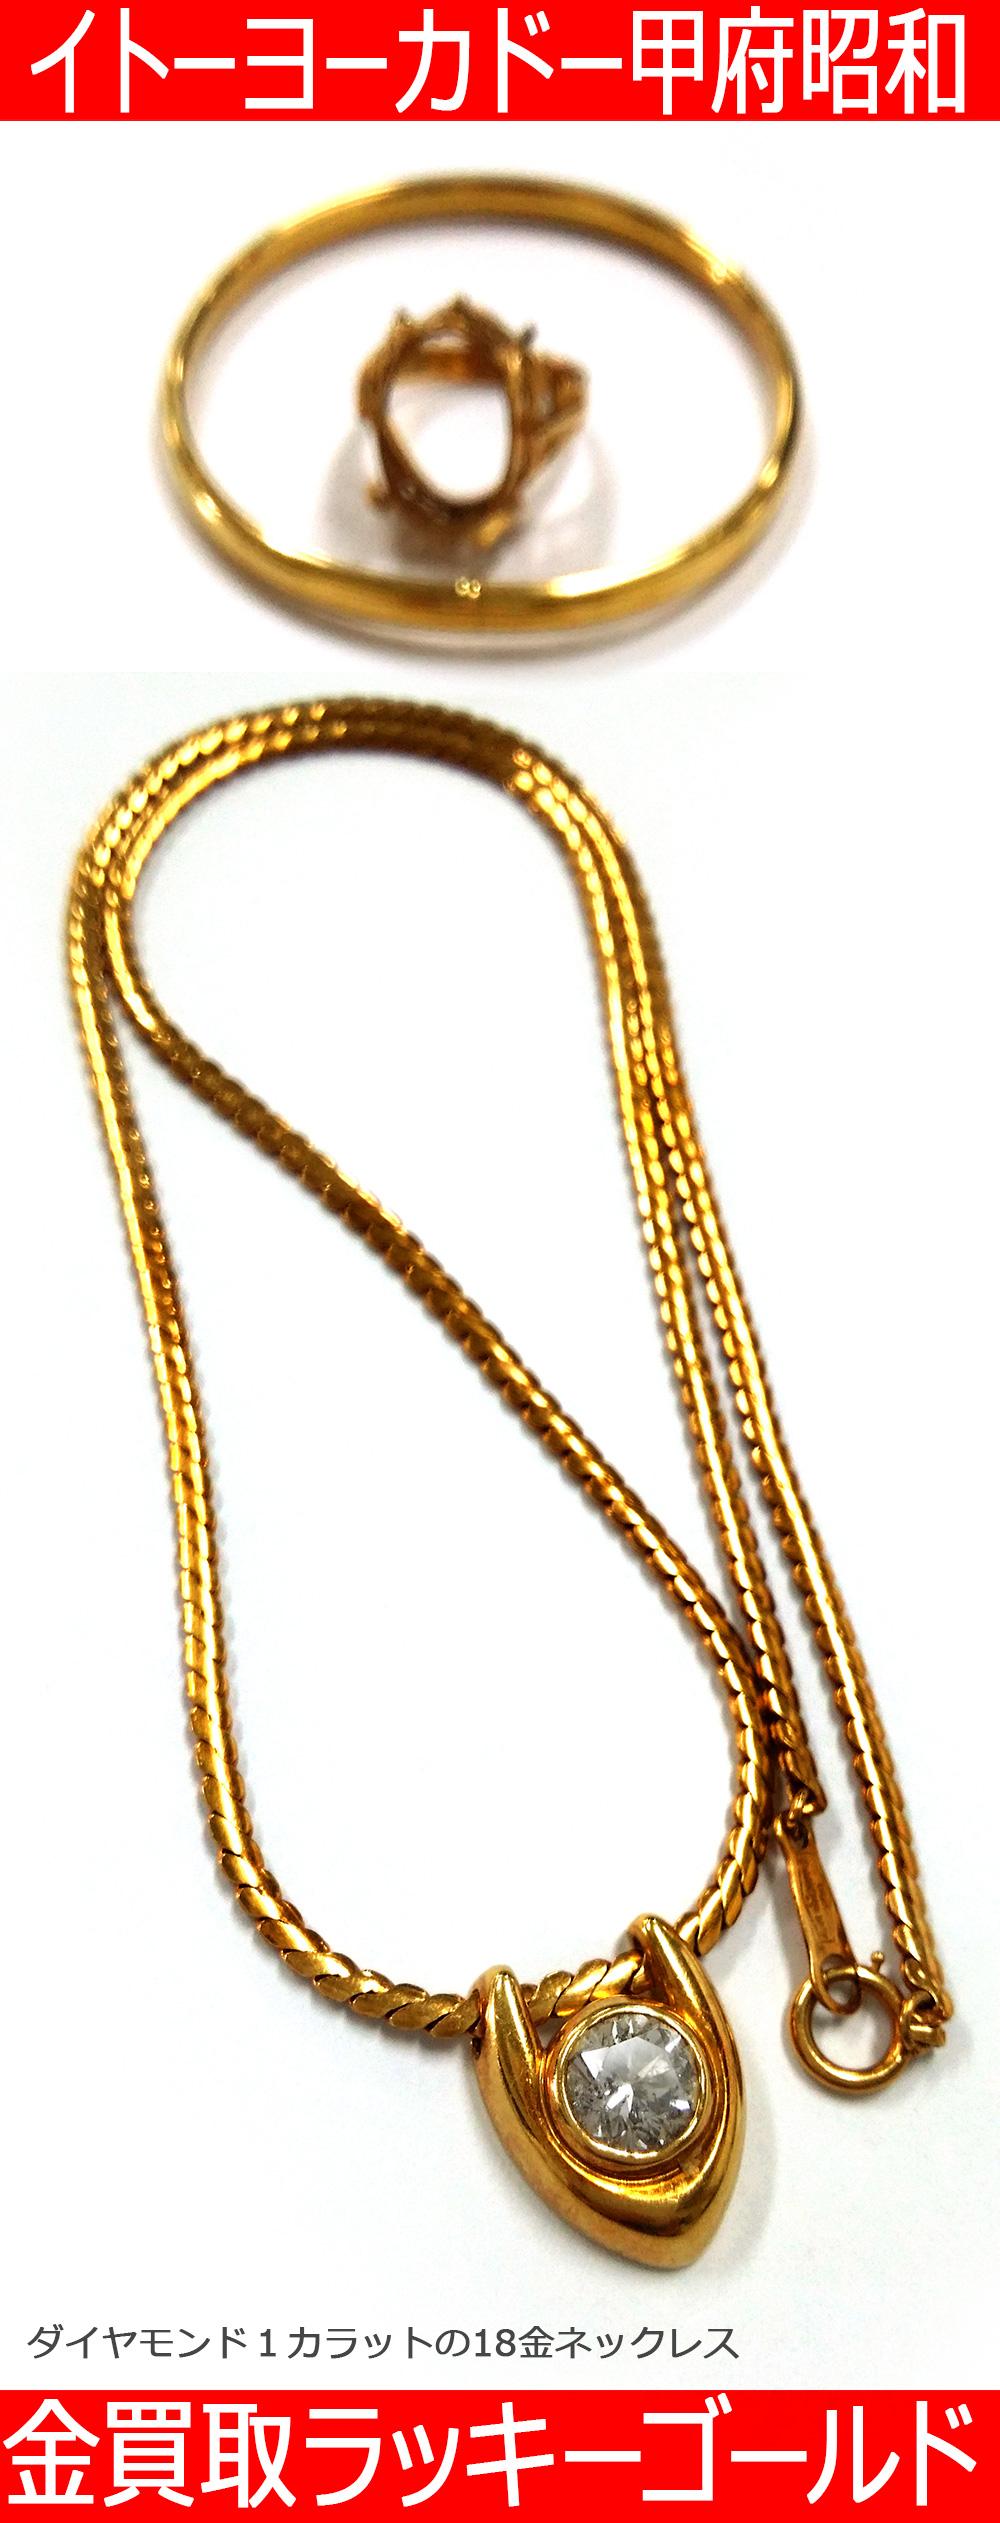 ダイヤモンド1カラット 18金ネックレス 買取 ラッキーゴールド イトーヨーカドー甲府昭和店